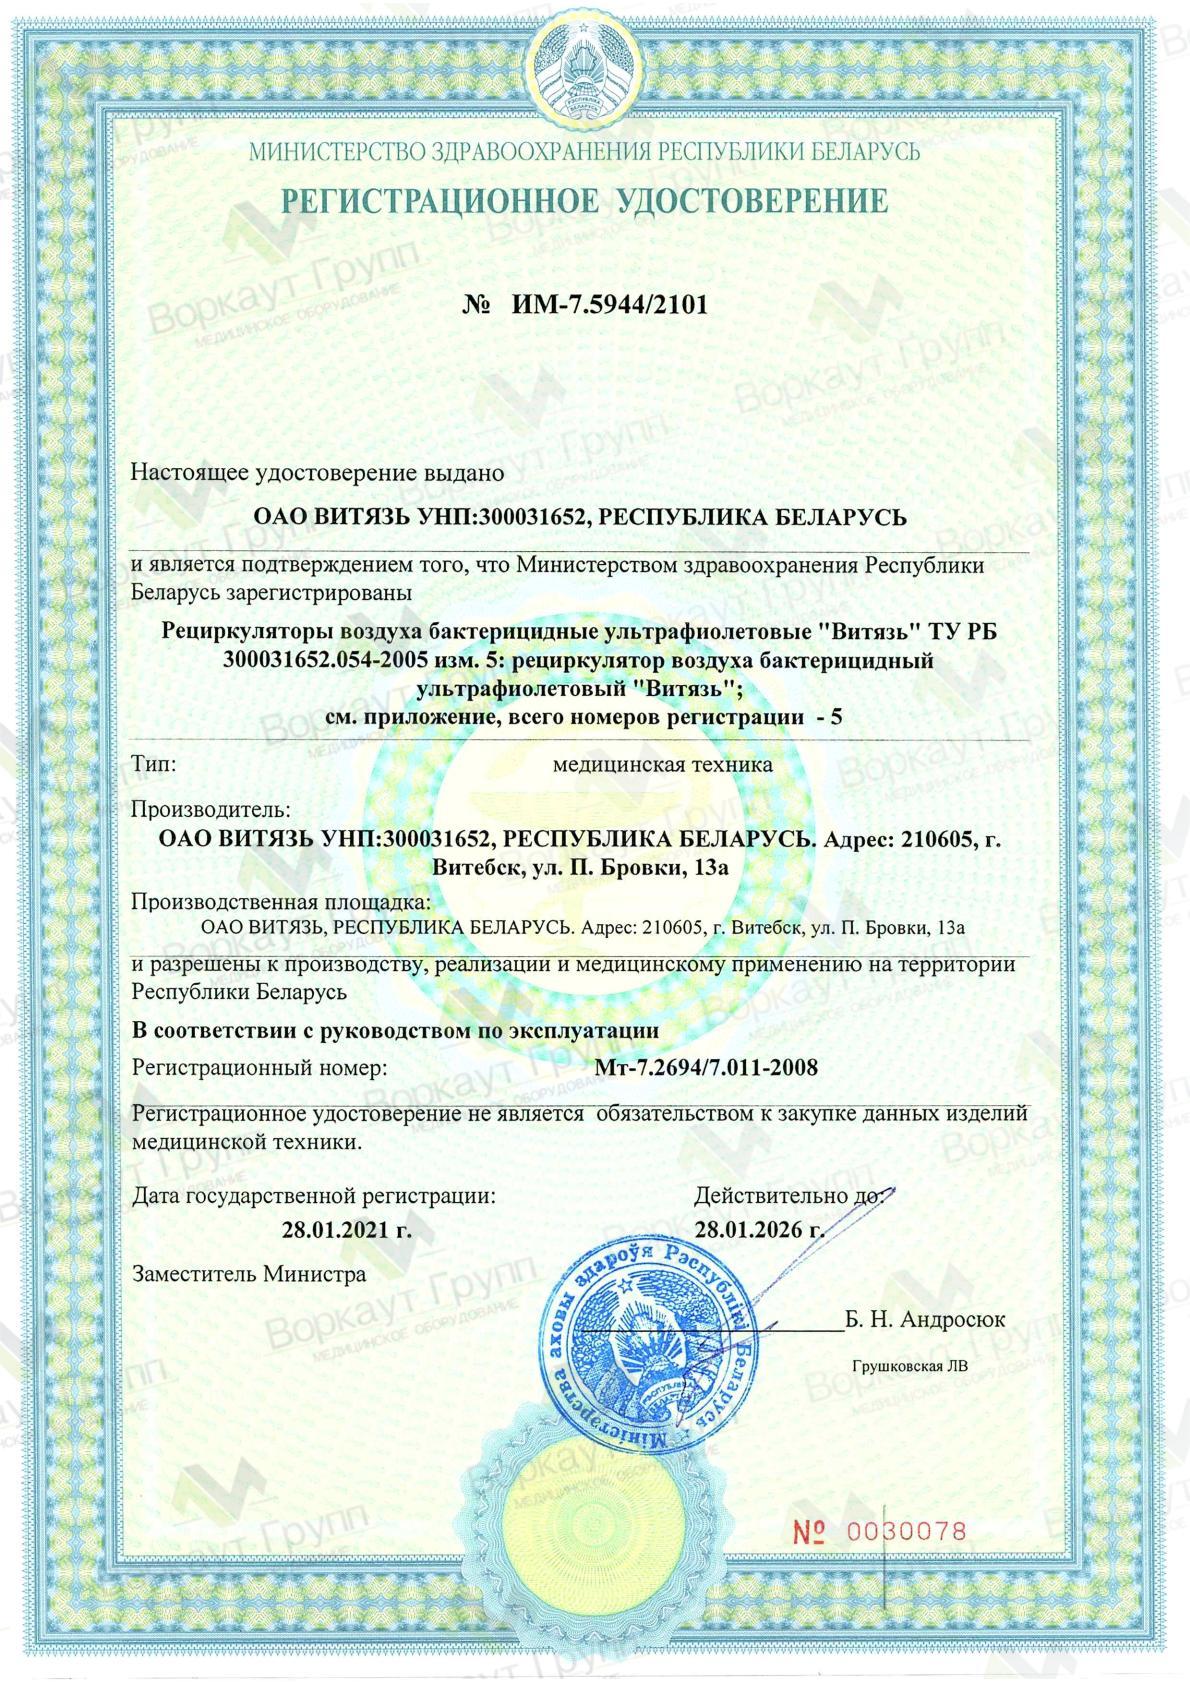 Рециркулятор воздуха (регистрационное удостоверение)